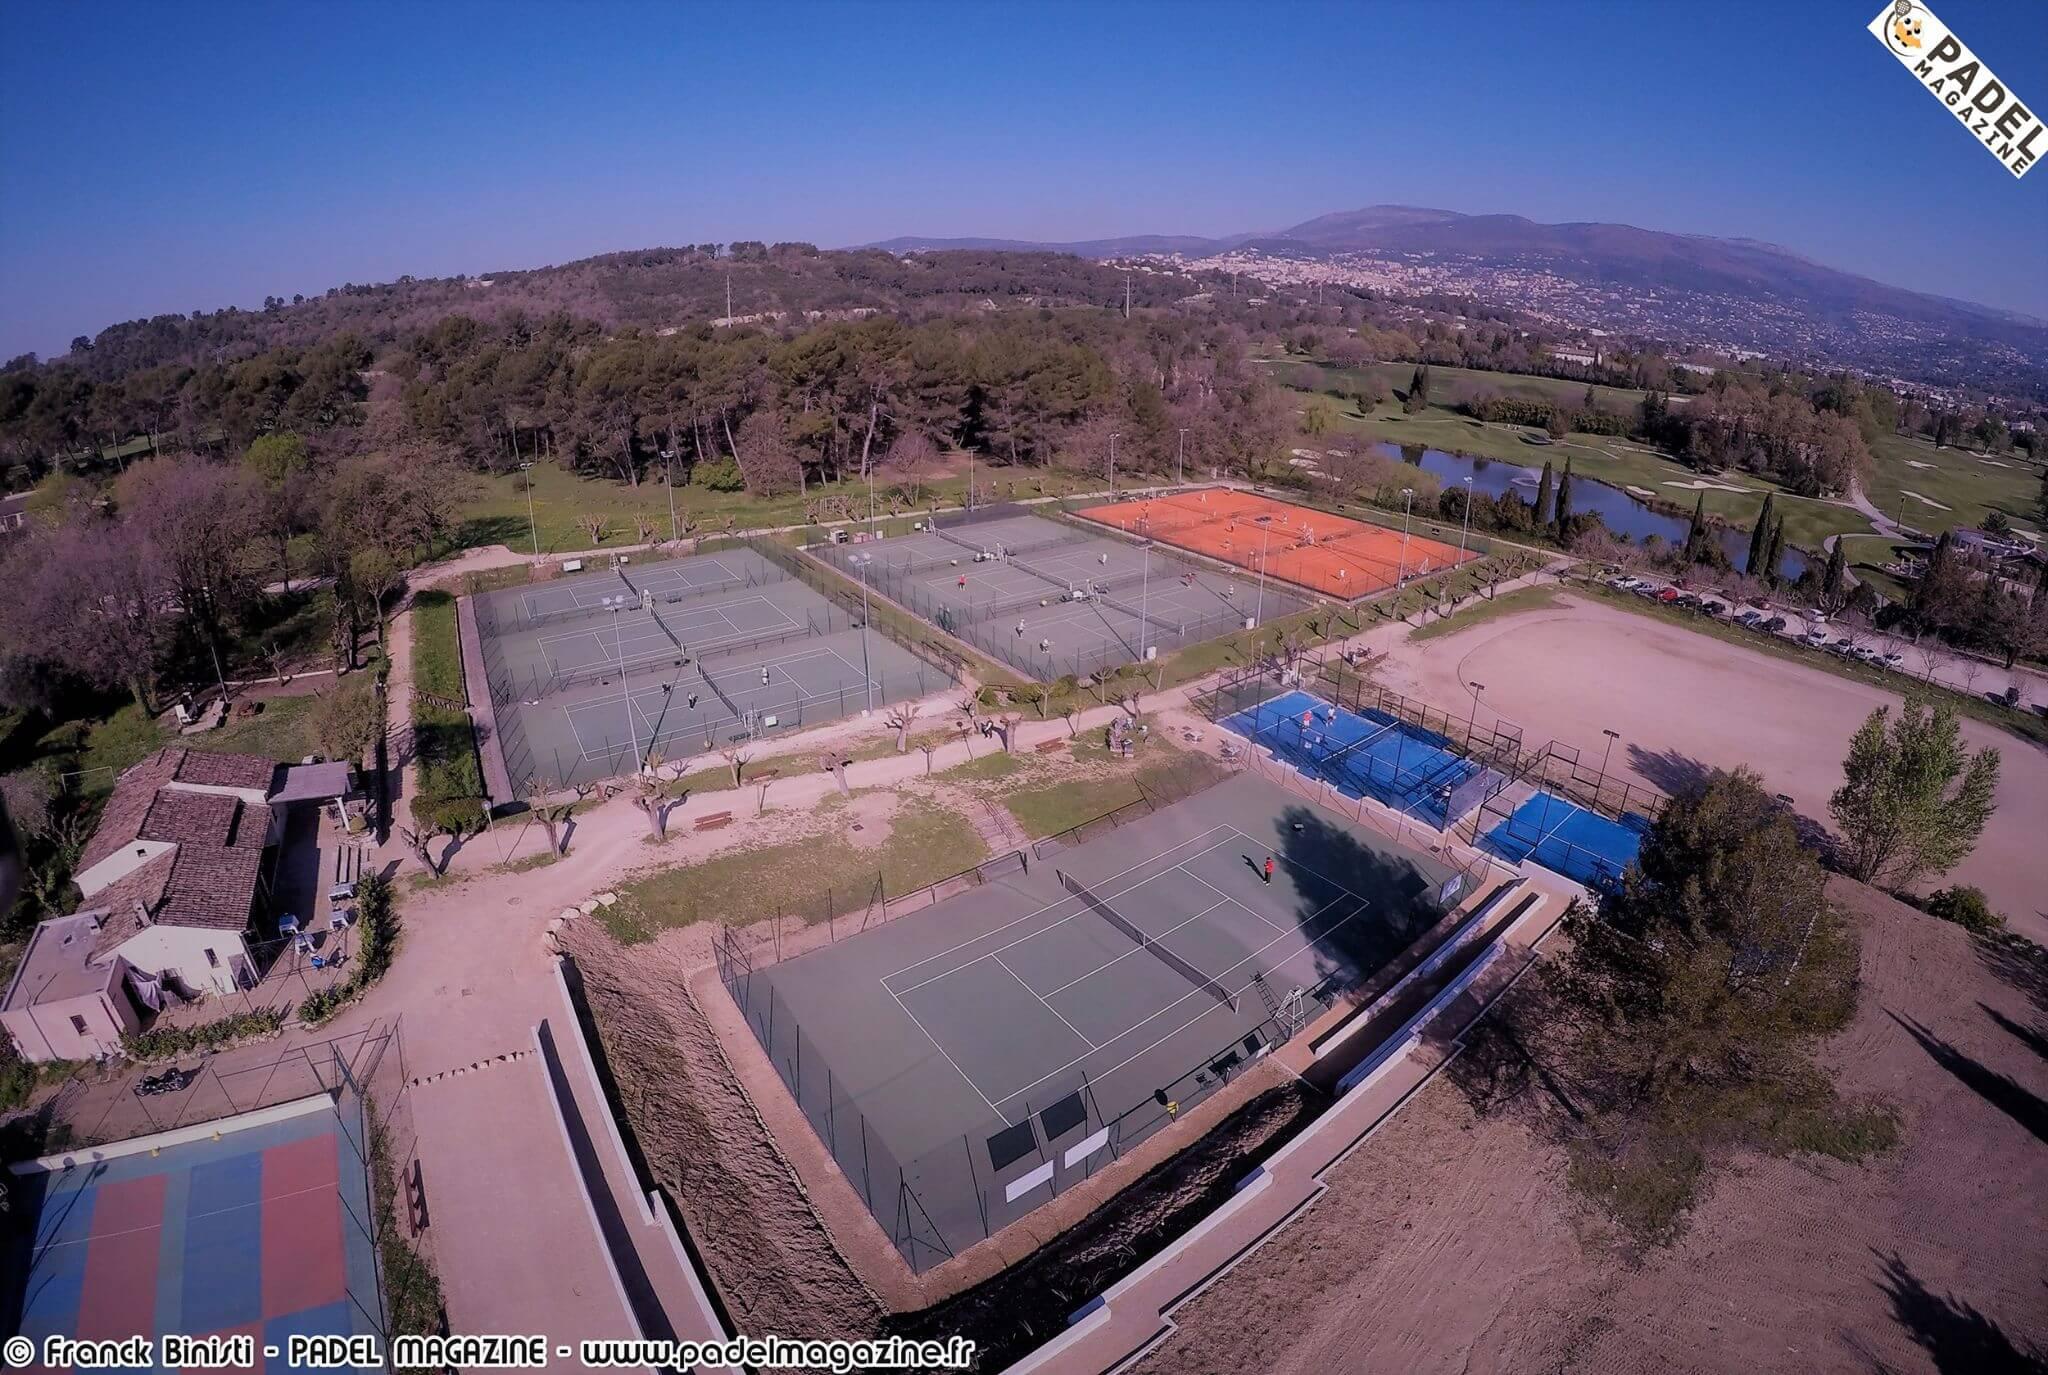 Il tennis club, un'associazione sportiva